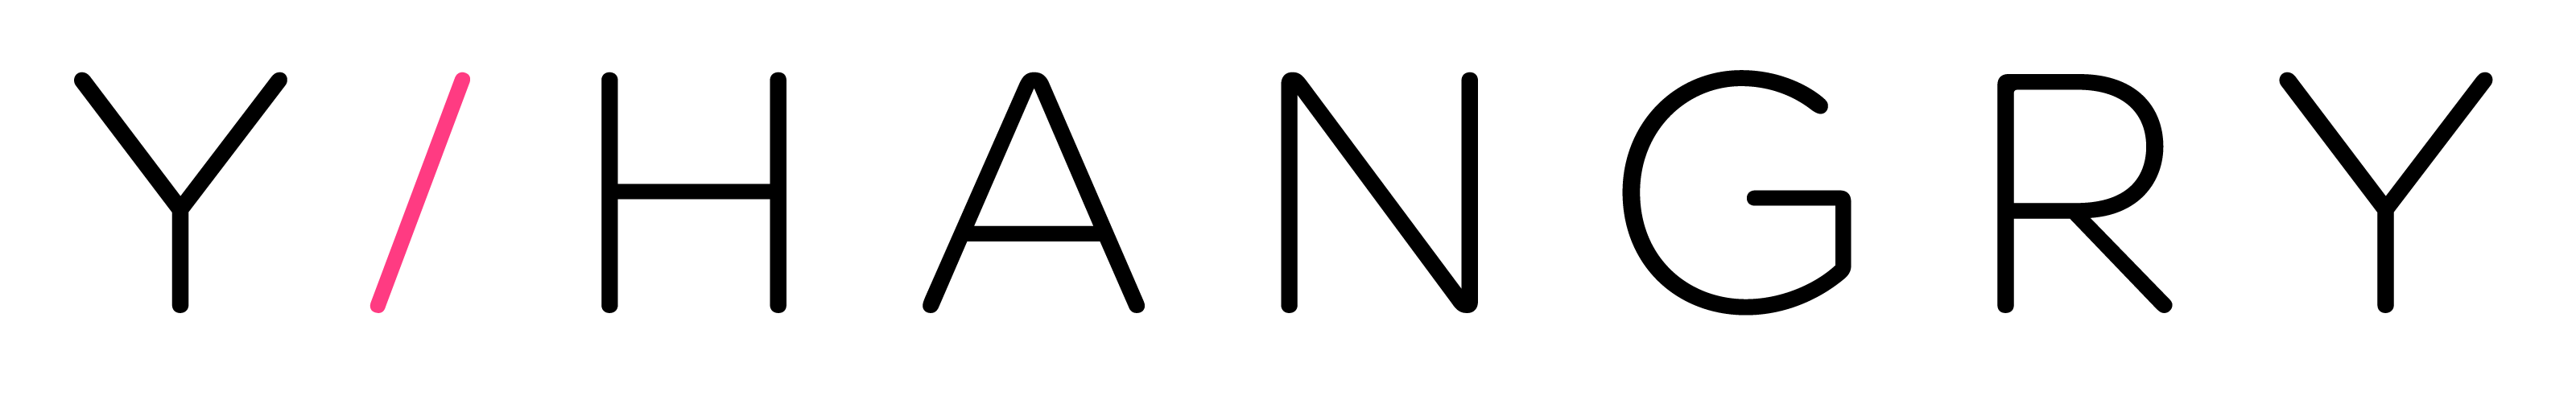 YHANGRY logo